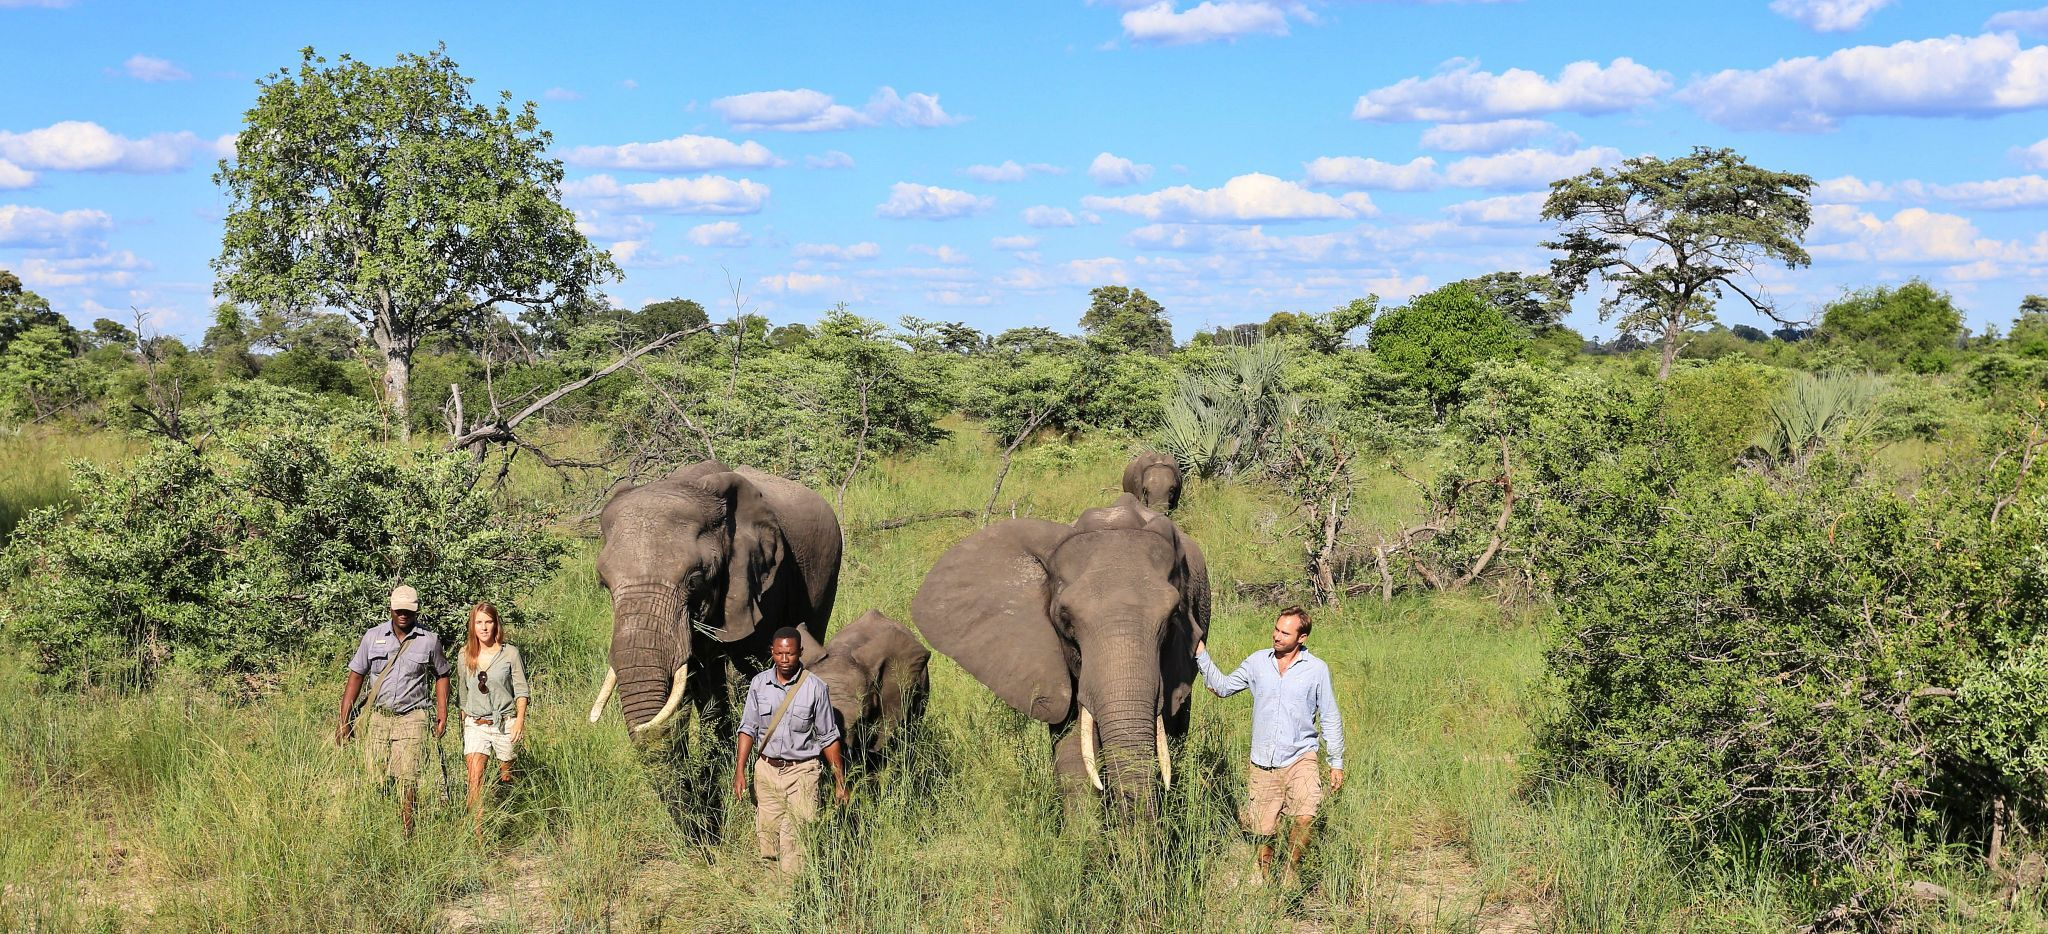 Naledi, Einige Guides und Touristen wandern mit Elephanten durch das Dickicht des Okavango Delta